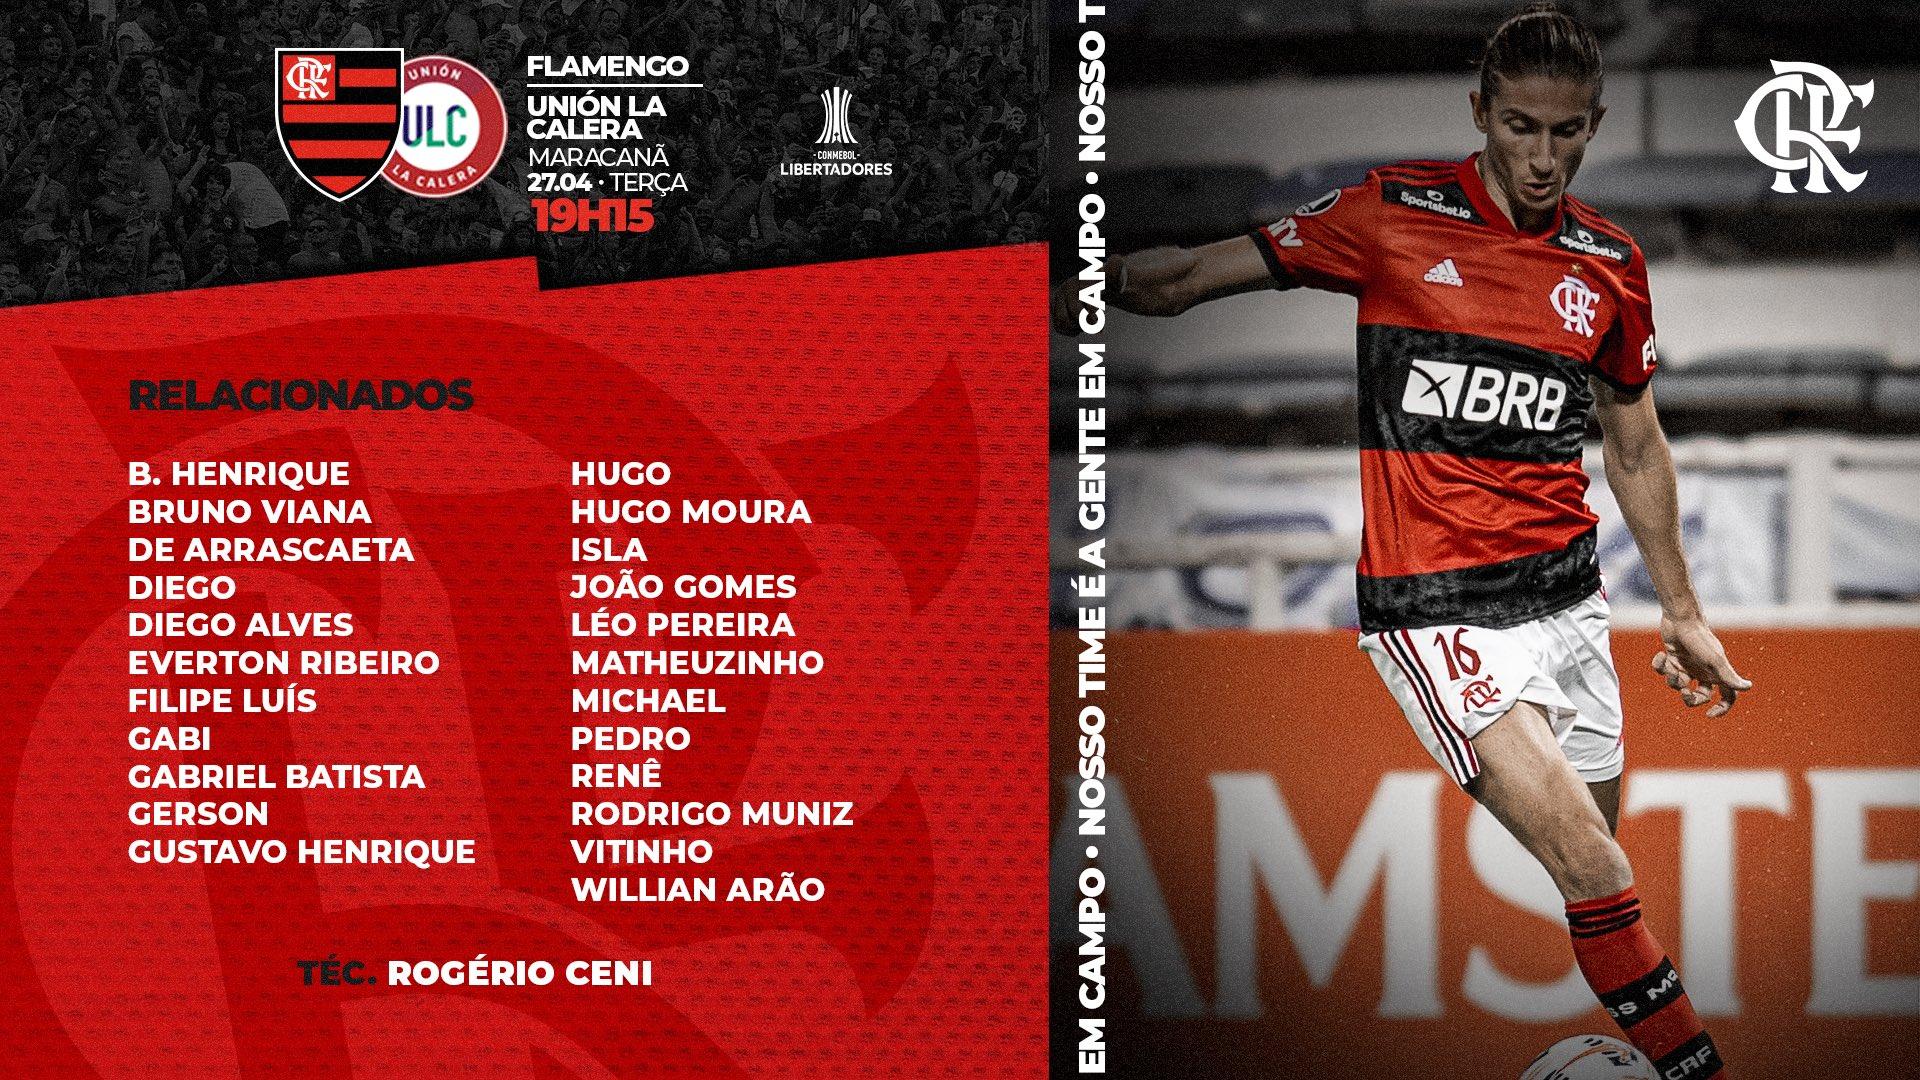 Flamengo x Unión La Calera relacionados